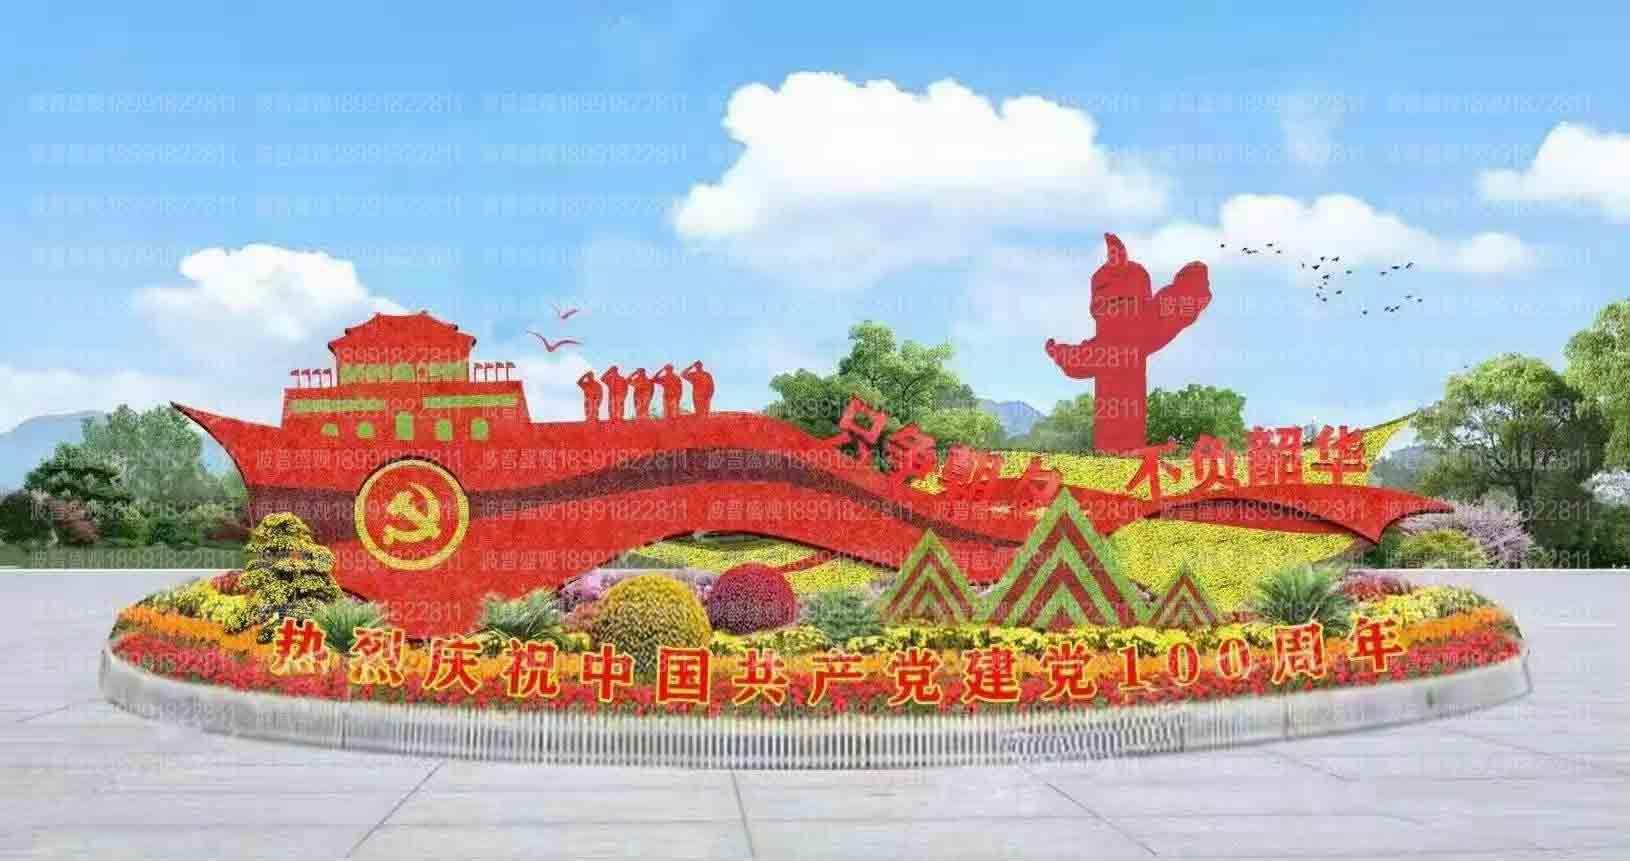 建党100周年植物雕塑公司